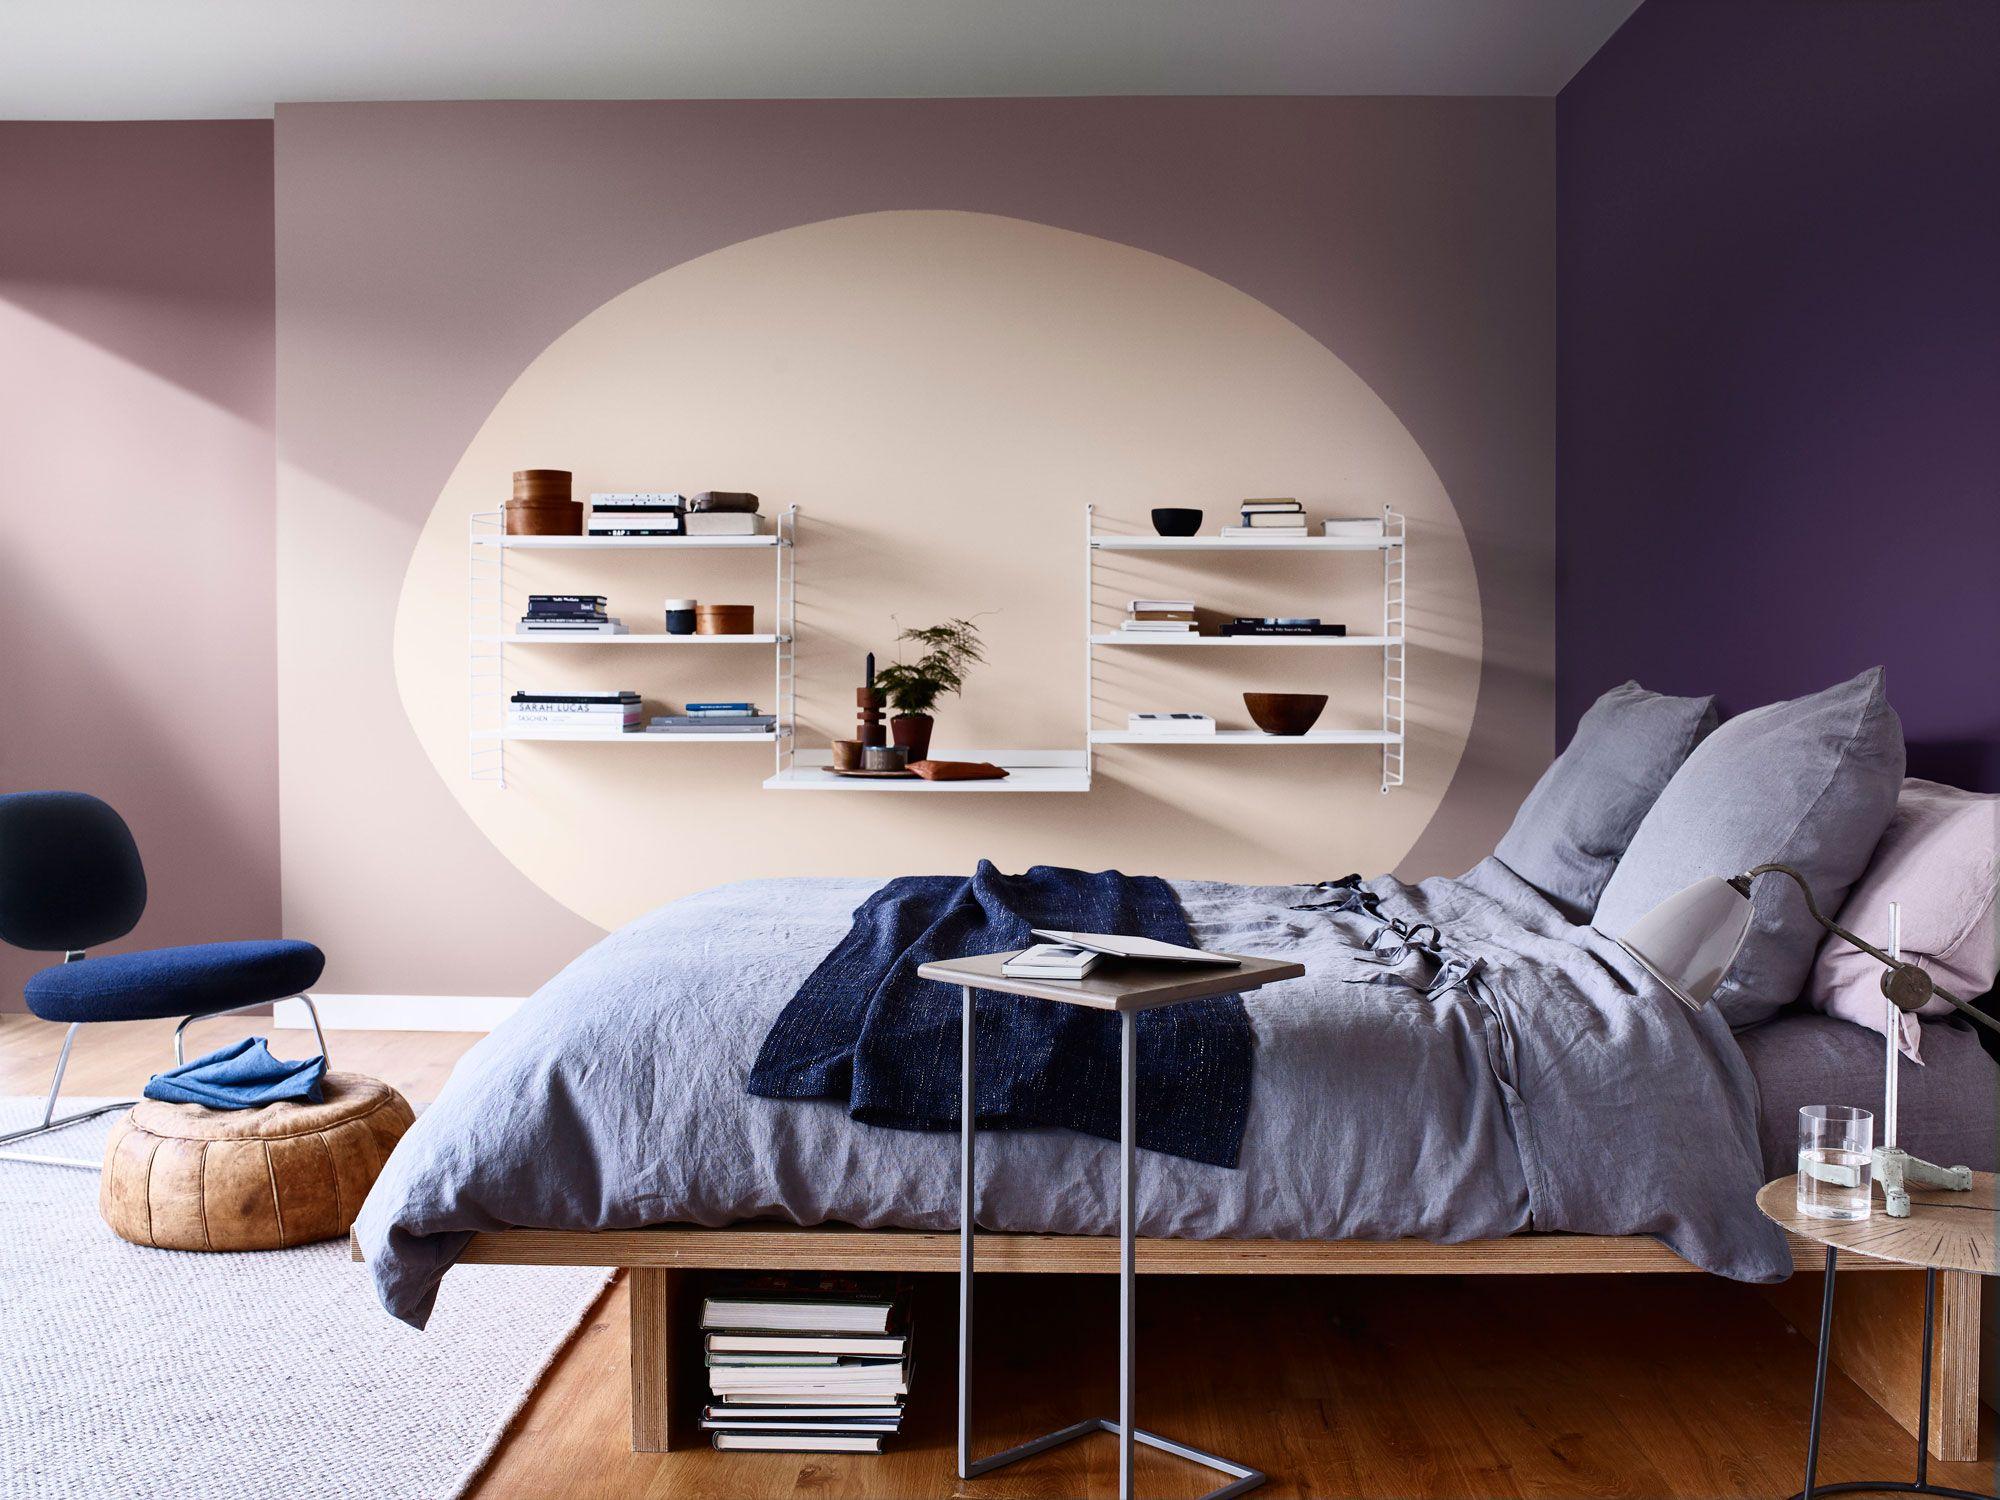 Comment peindre des formes ovales sur le mur